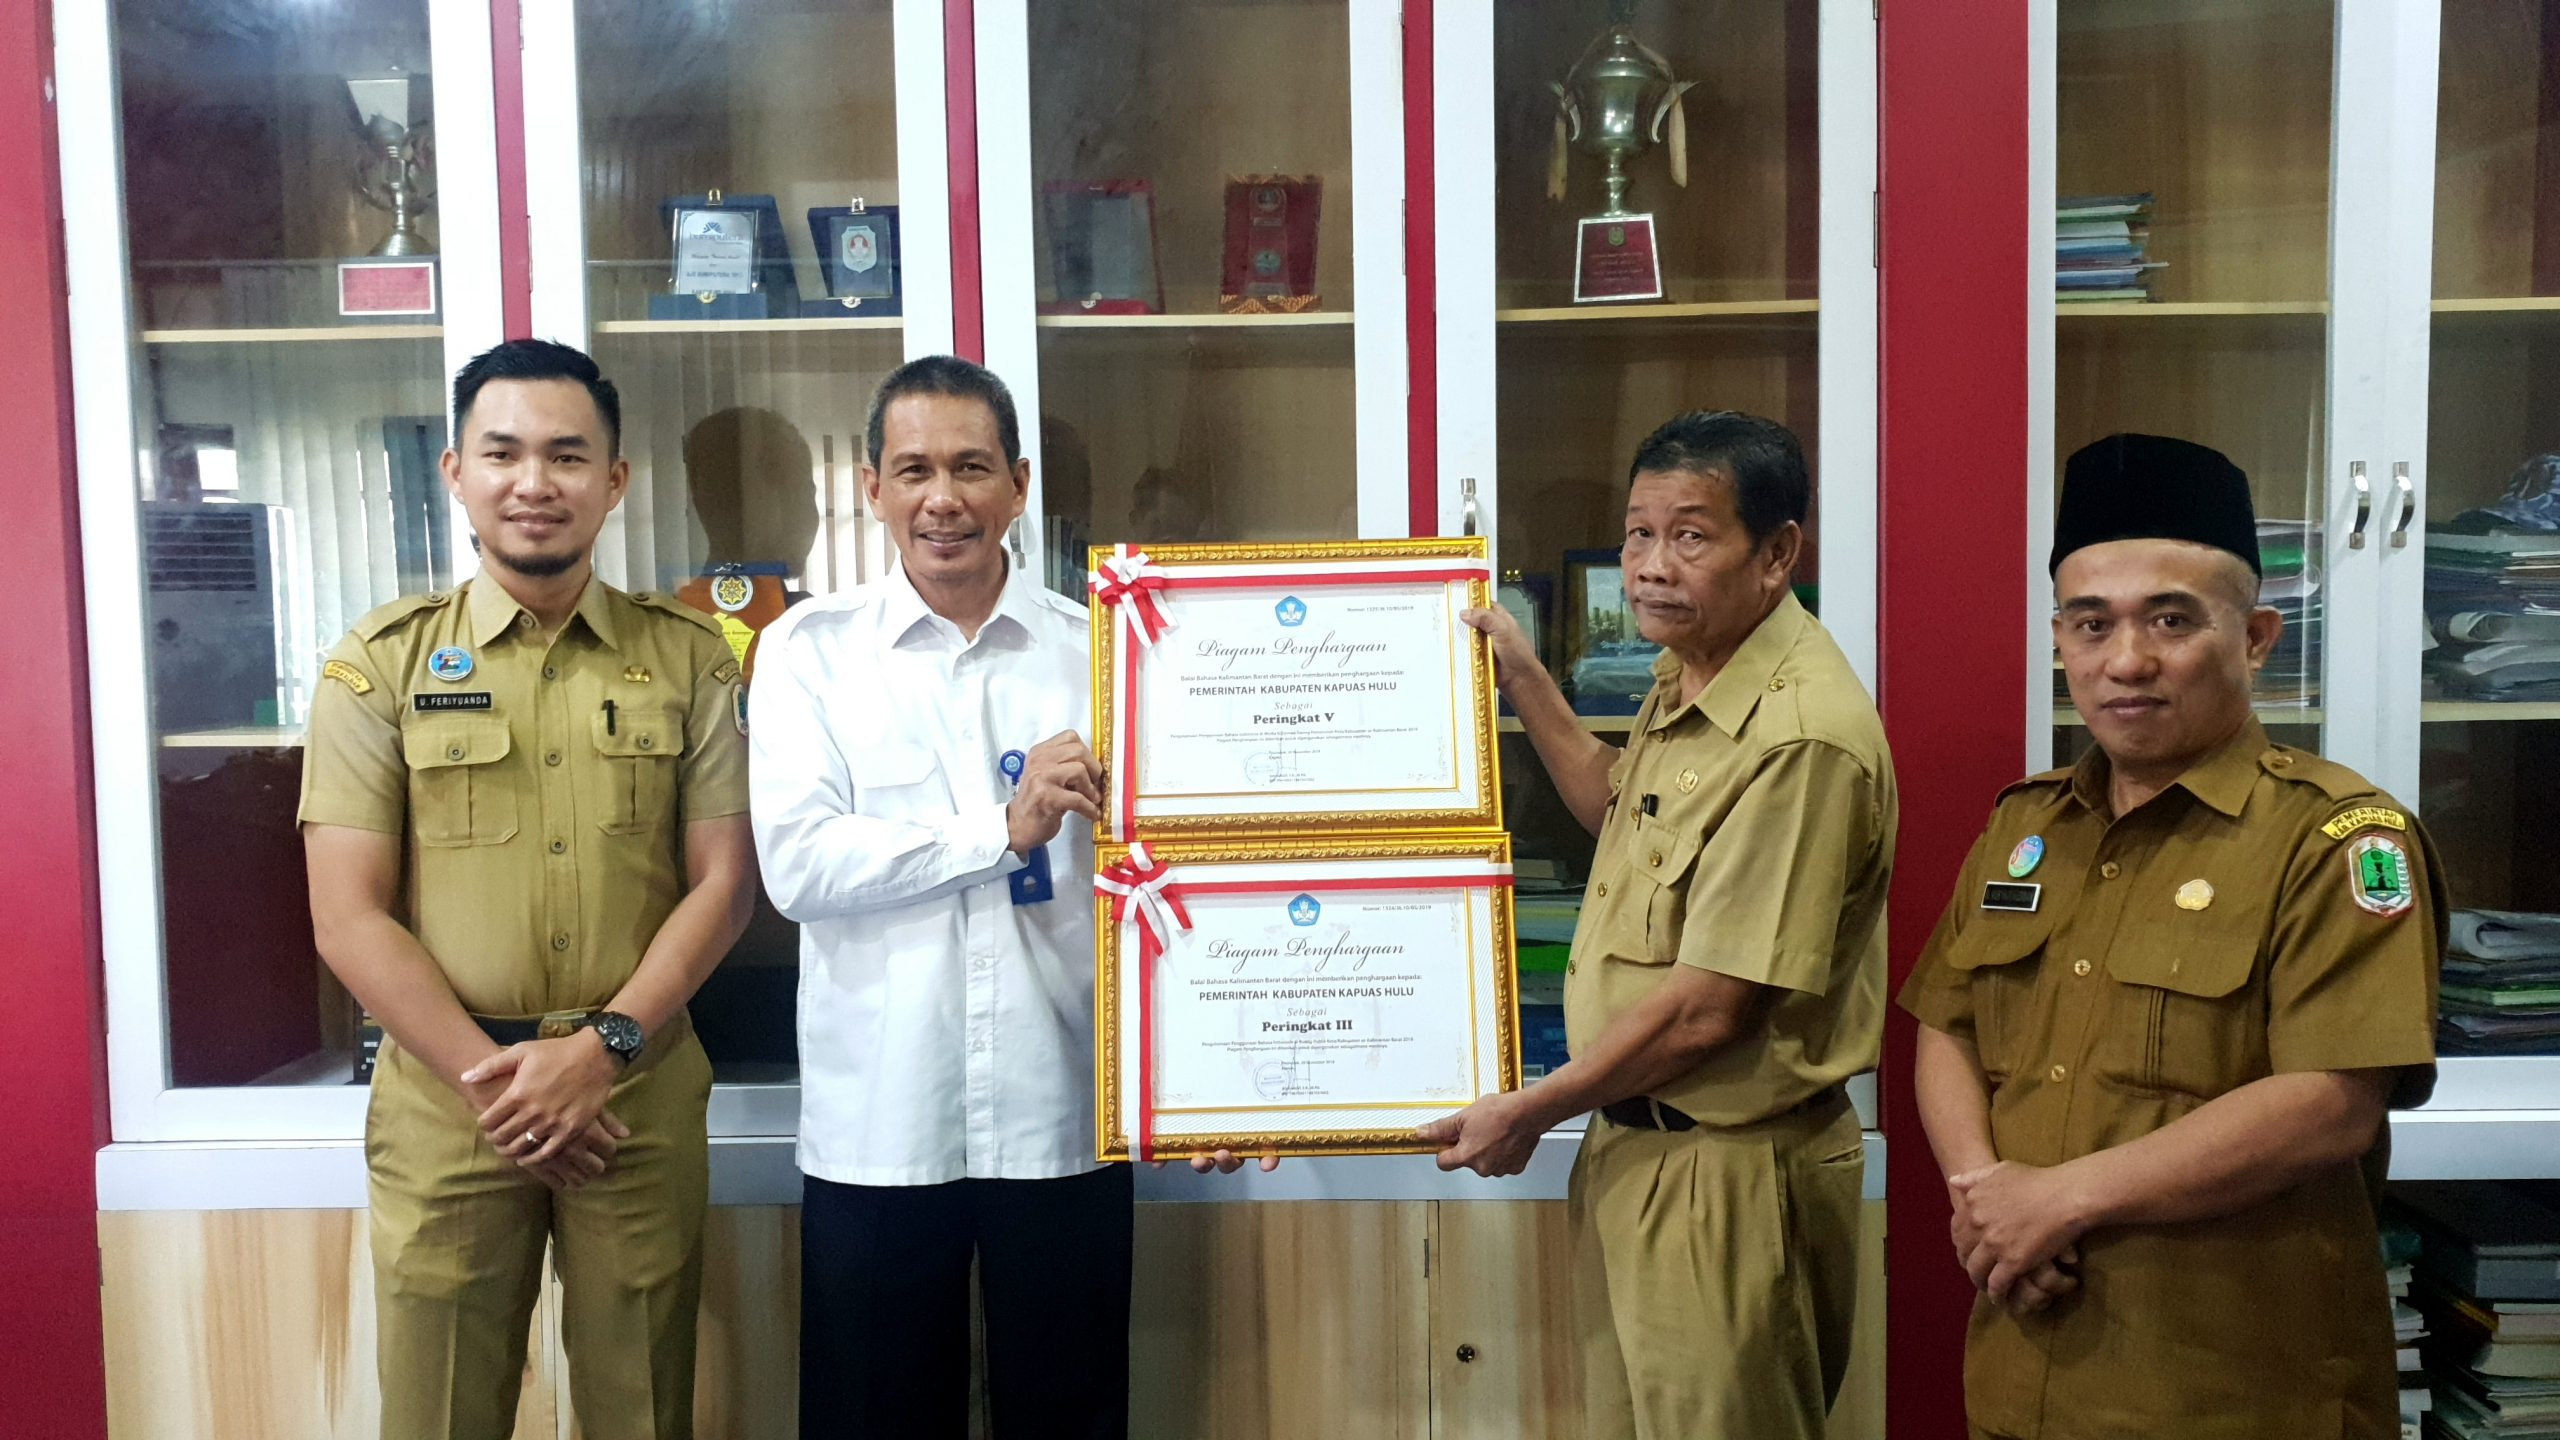 PEMKAB KAPUAS HULU MERAIH PENGHARGAAN DALAM PENGUTAMAAN PENGGUNAAN BAHASA INDONESIA DI MEDIA INFORMASI DARING PEMERINTAH KOTA/KABUPATEN SE-KALIMANTAN BARAT